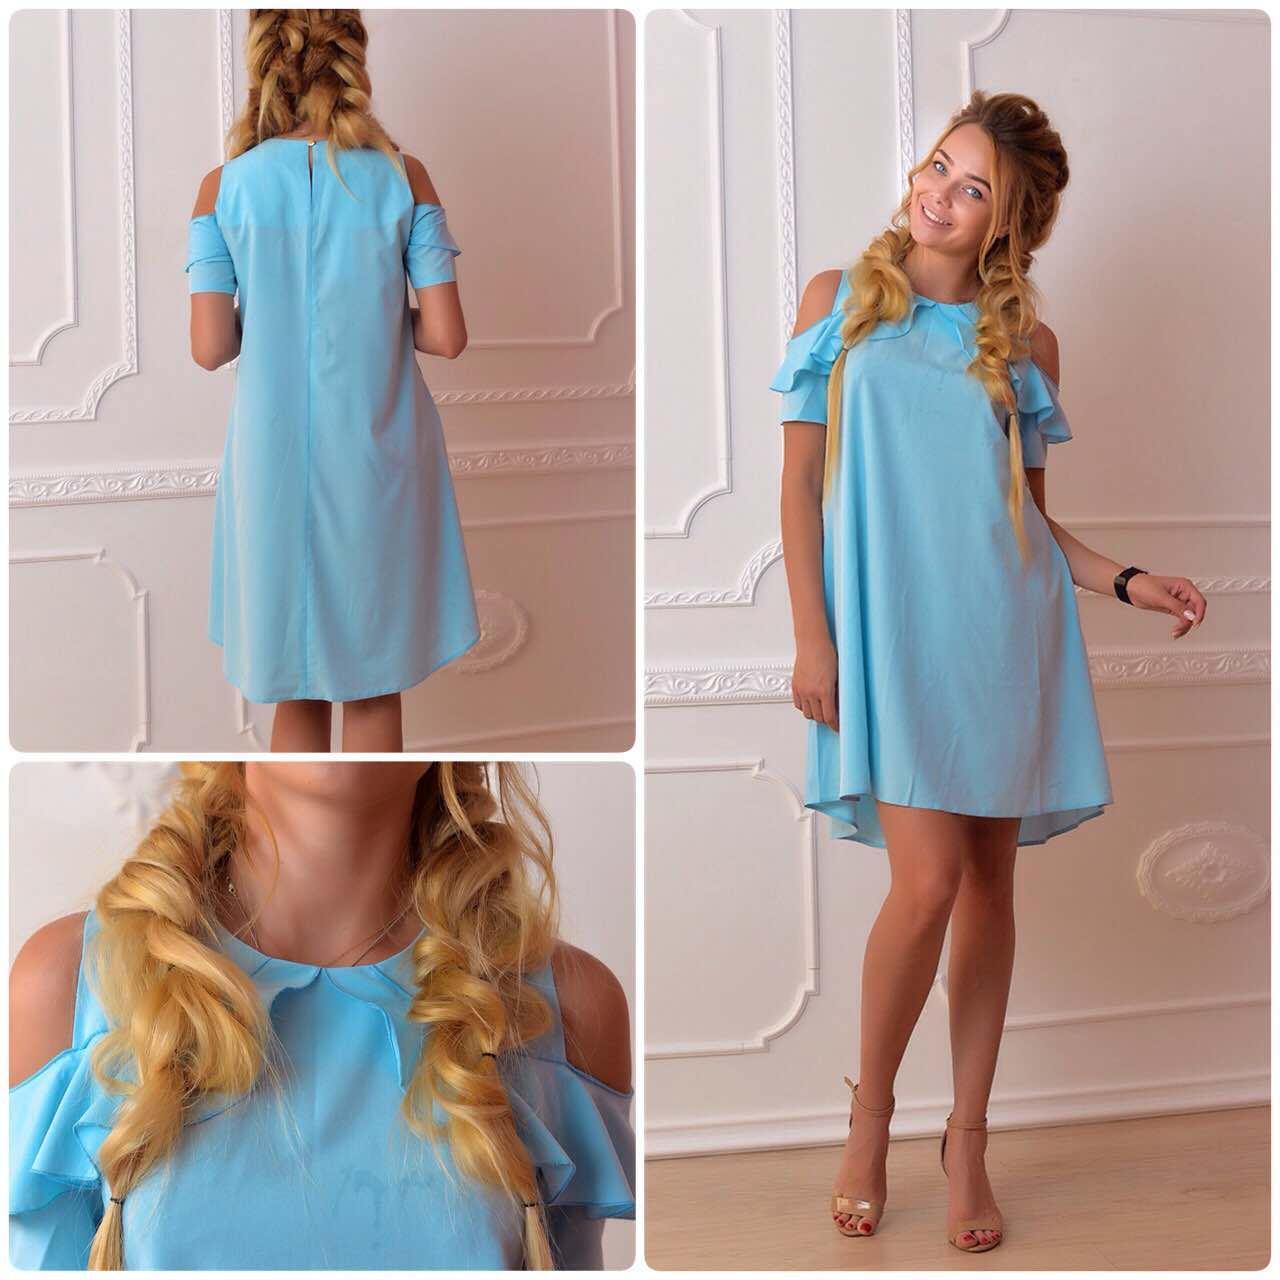 Сукня, модель 785, колір - блакитний